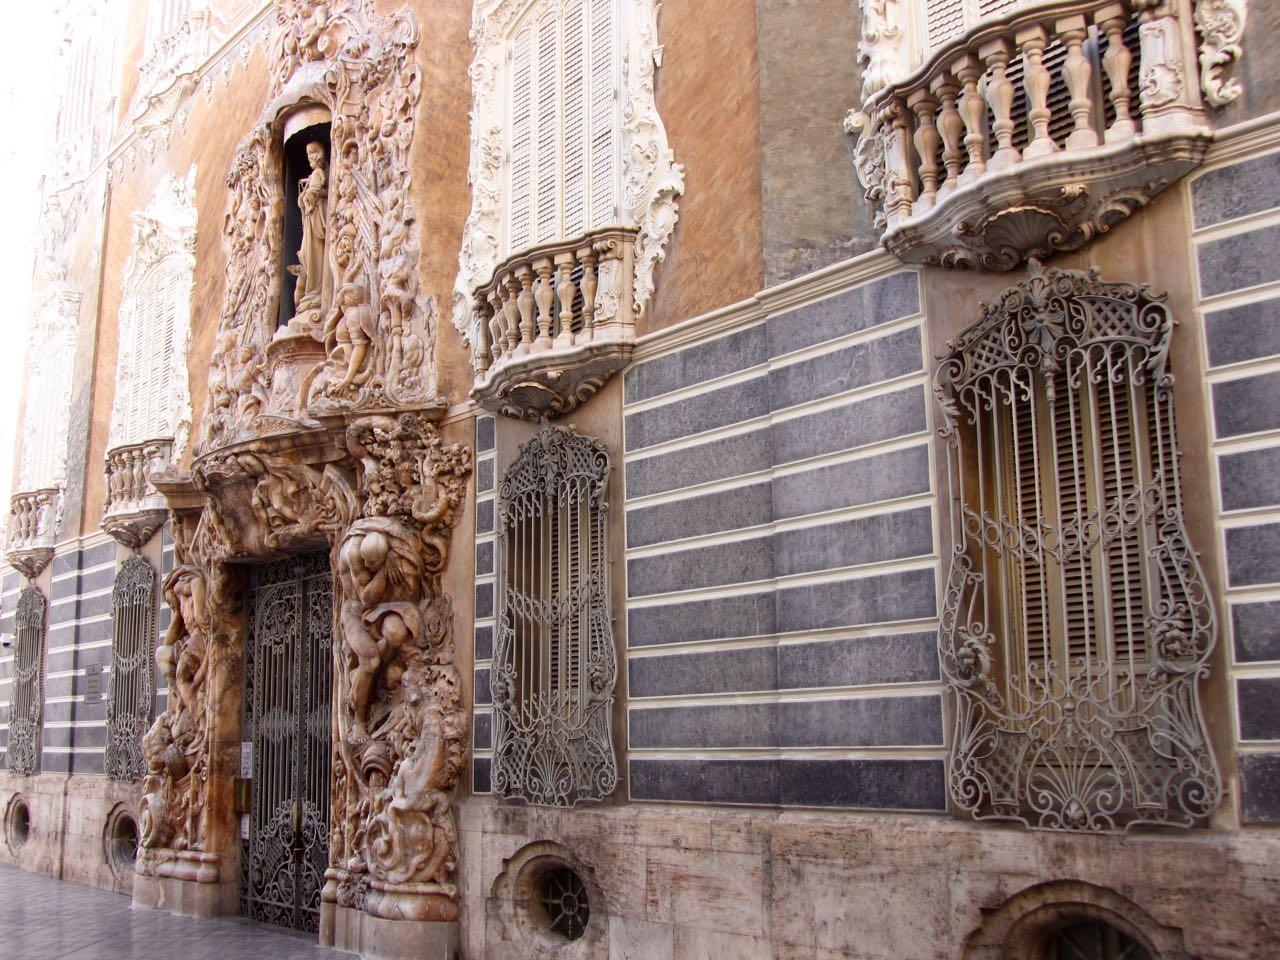 5-Keramikmuseum-Valencia